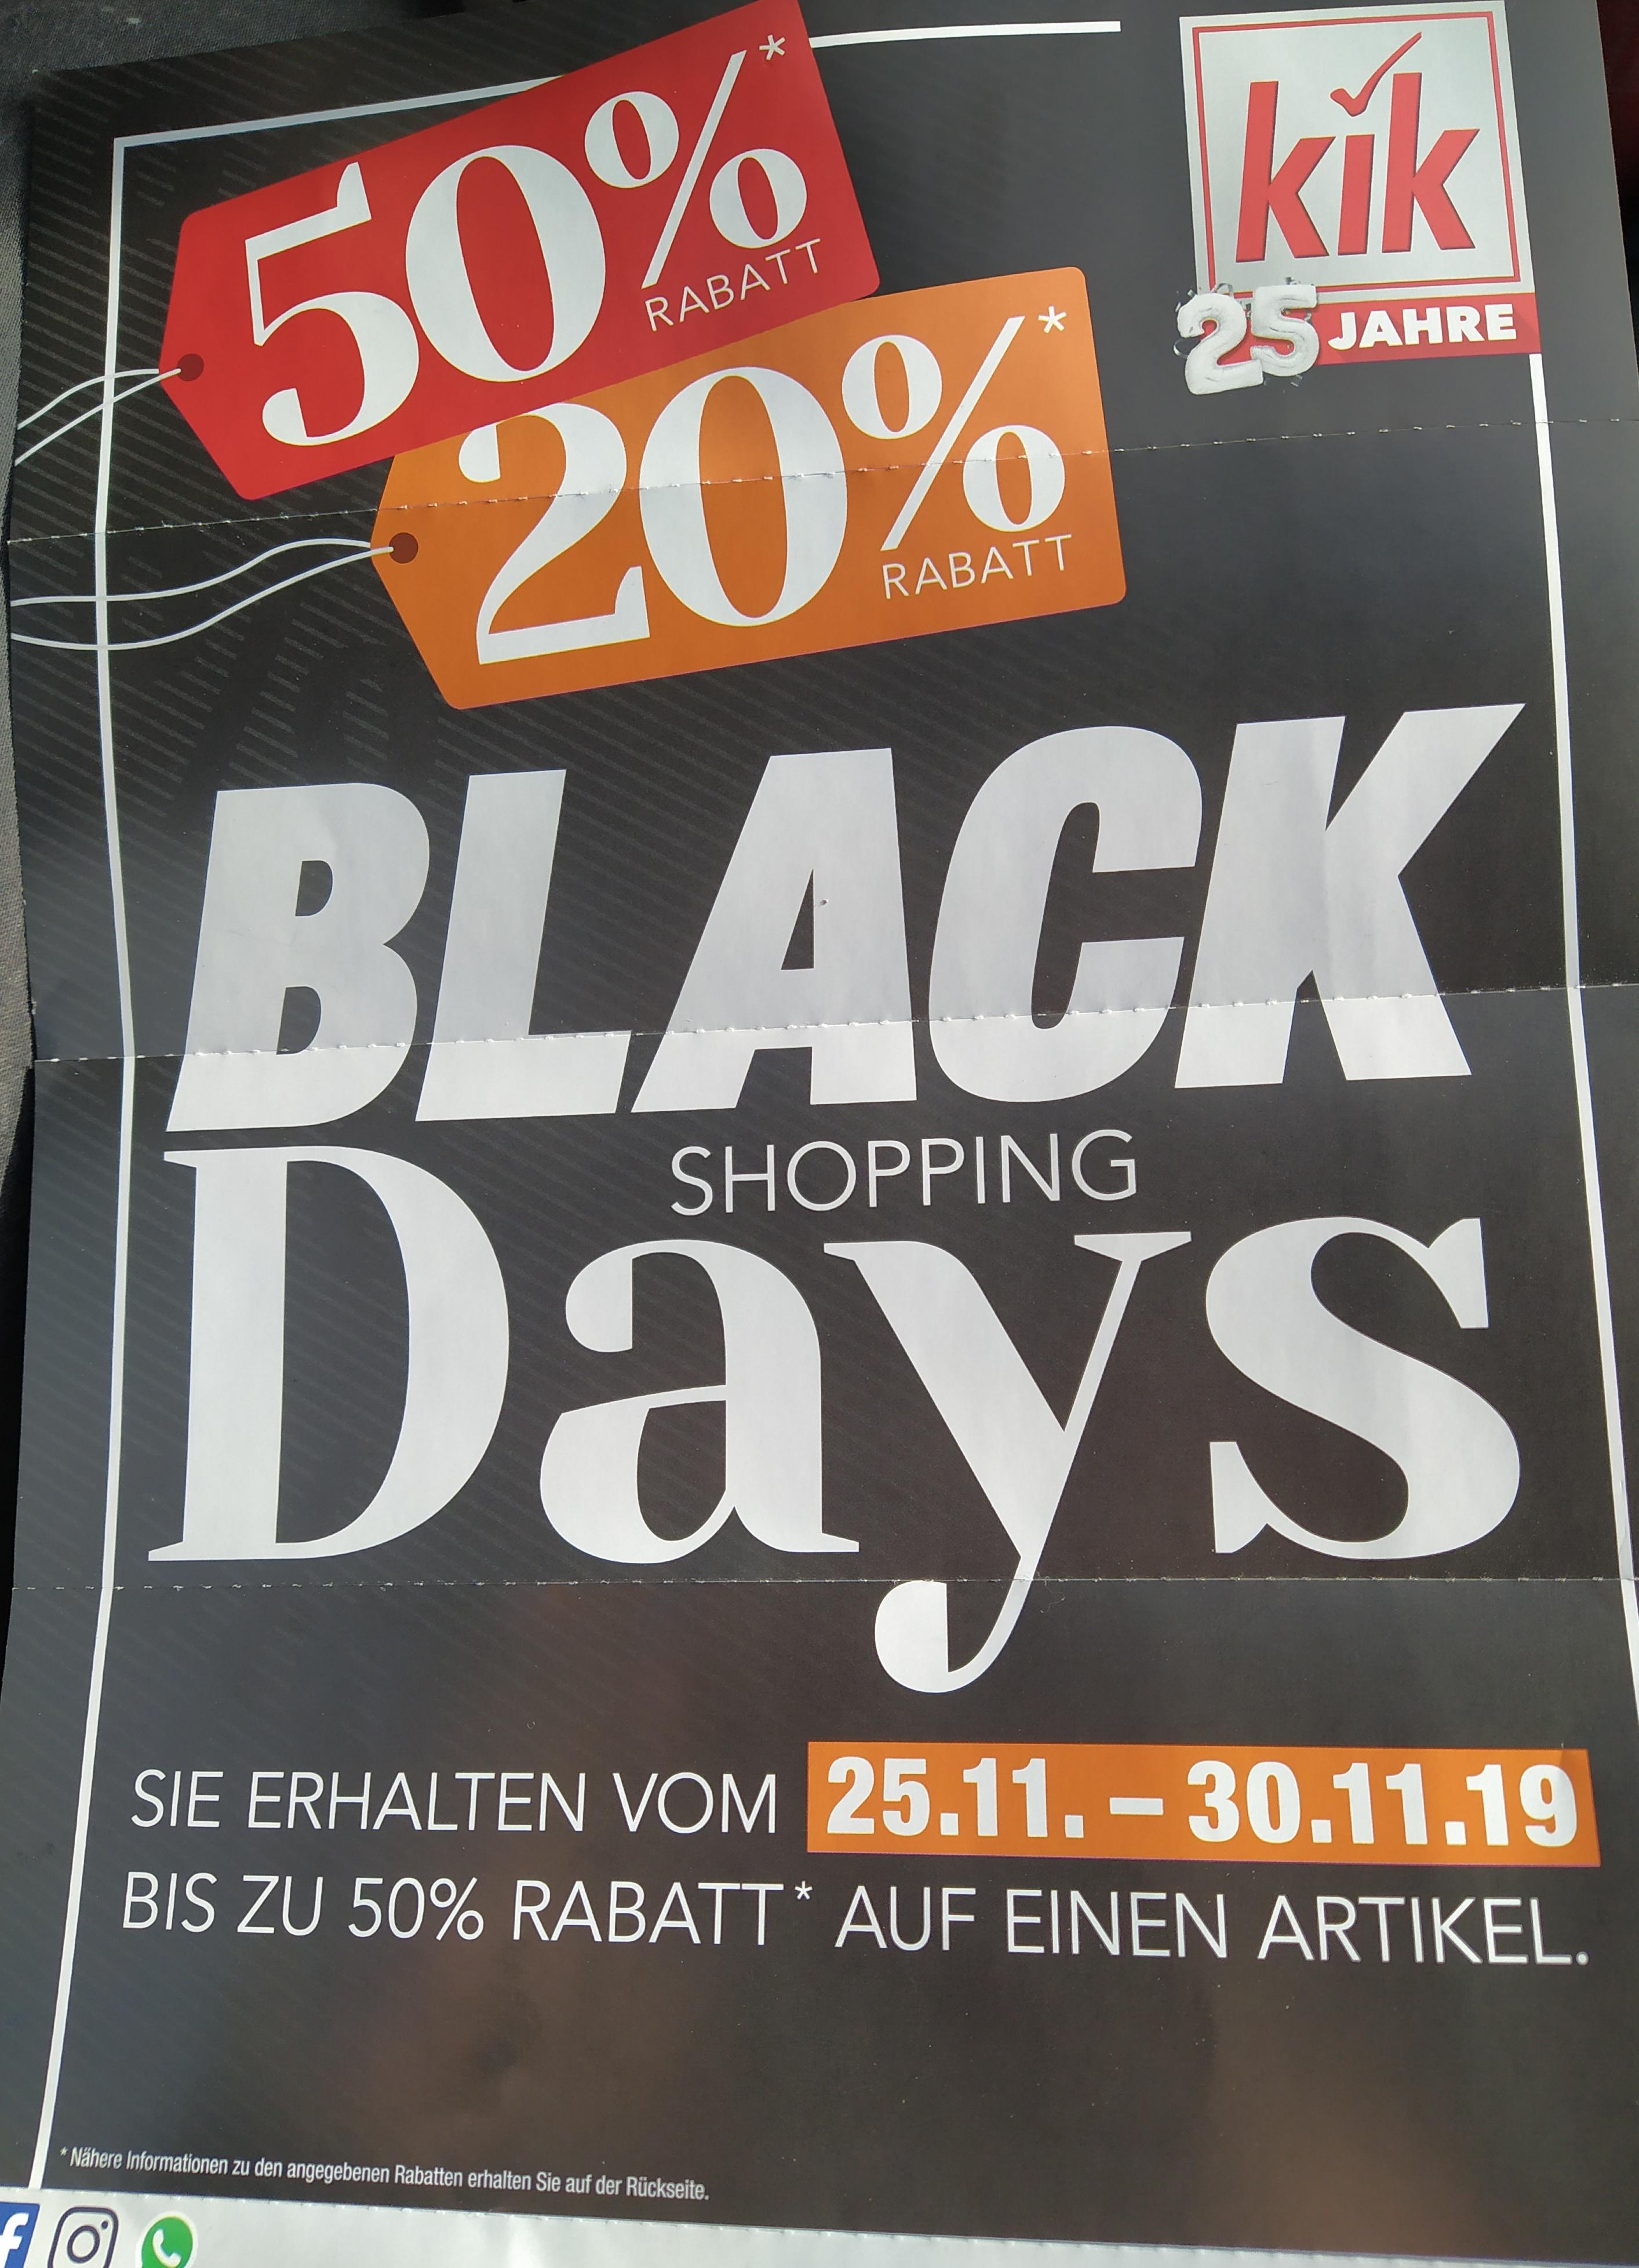 Kik feiert Geburtstag und Black Shopping Week bis 50% durch Gutscheine